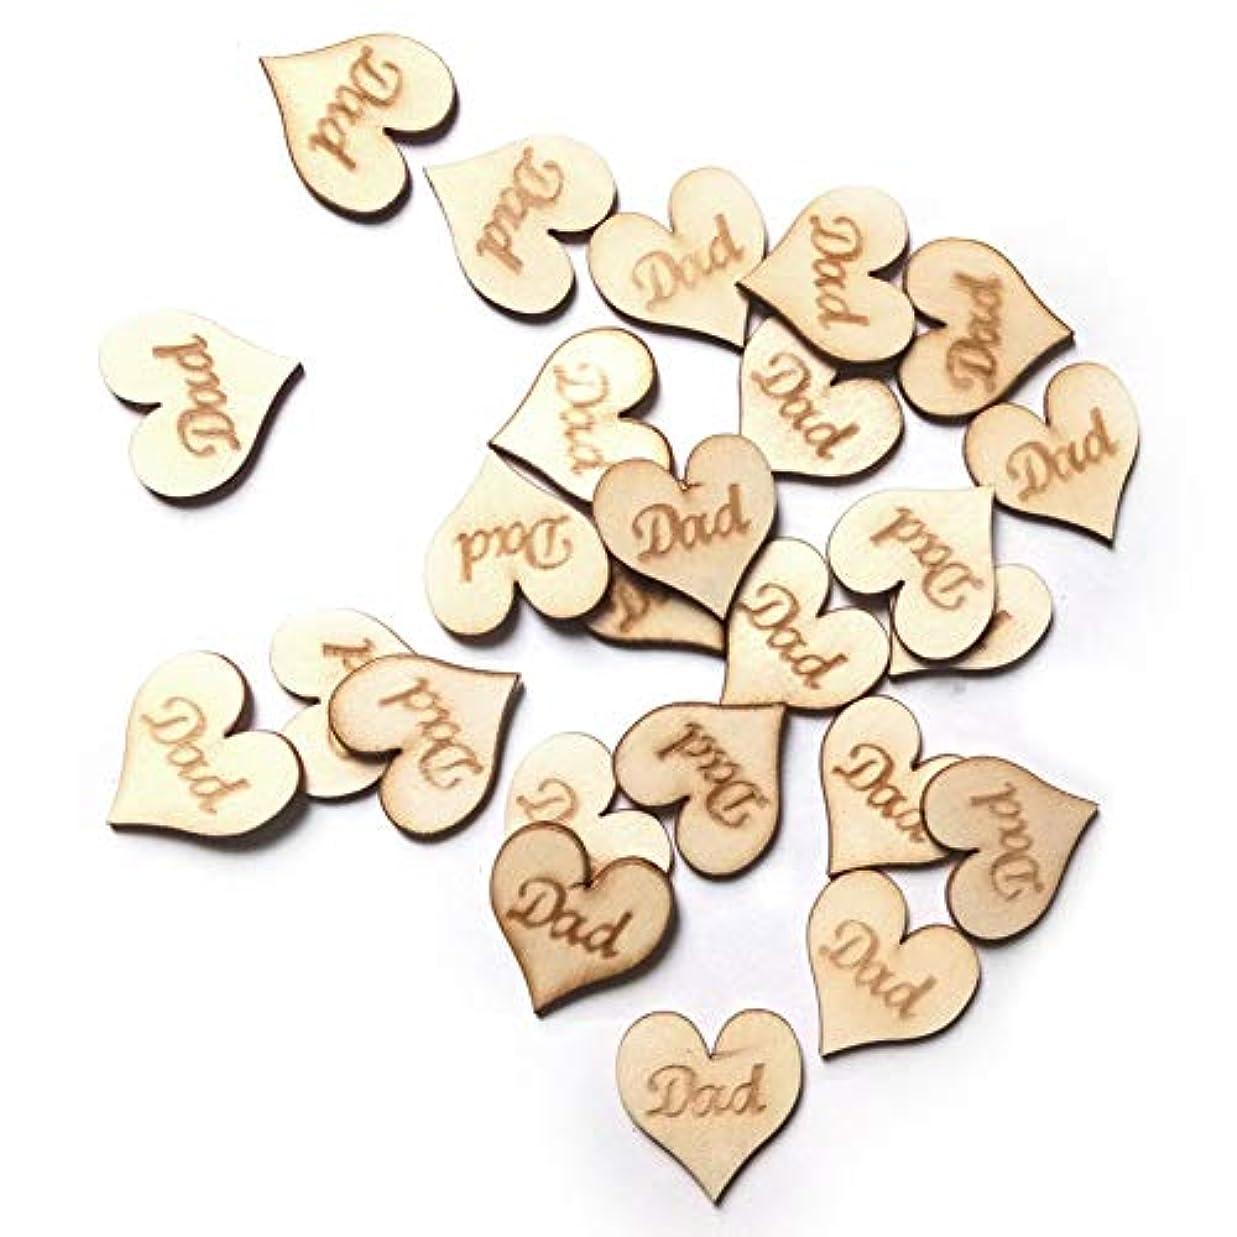 不確実閃光発音するNenon&wenom木材チップ 父の日 プレゼント ハート形 木製カード 装飾用木材チップ 部屋飾り物 雰囲気作り 結婚式 DIYホーム装飾 パーティー 誕生日 装飾品 撮影用 小物 多用途 工芸品 25個セット